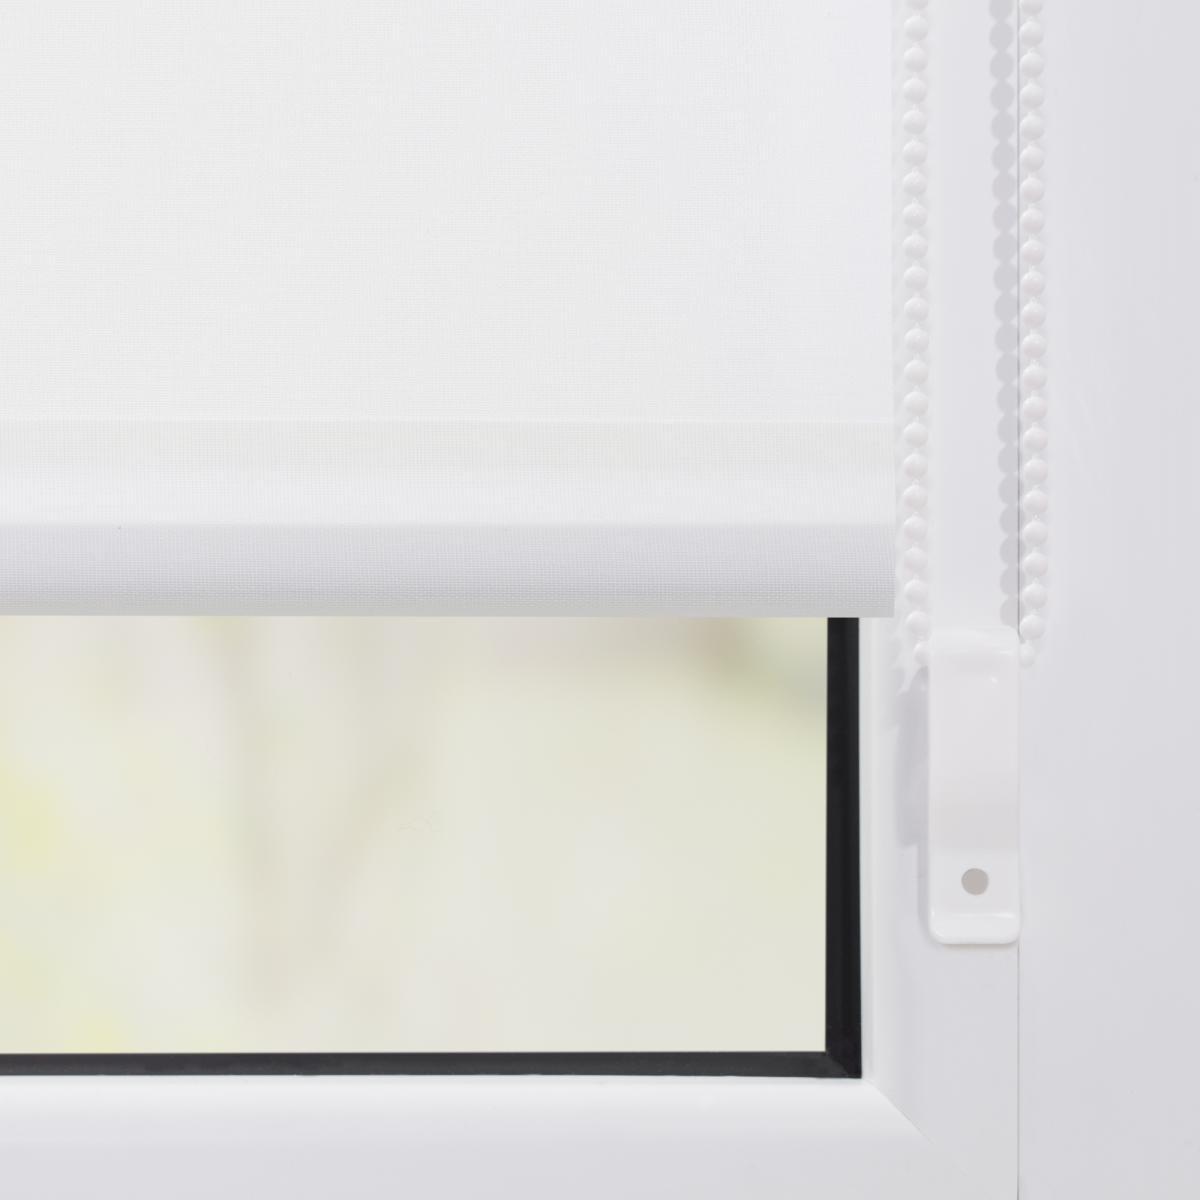 Bild 2 von Lichtblick Rollo Klemmfix, ohne Bohren, blickdicht, Rentiere Muster - Rot Weiß, 100 cm x 150 cm (B x